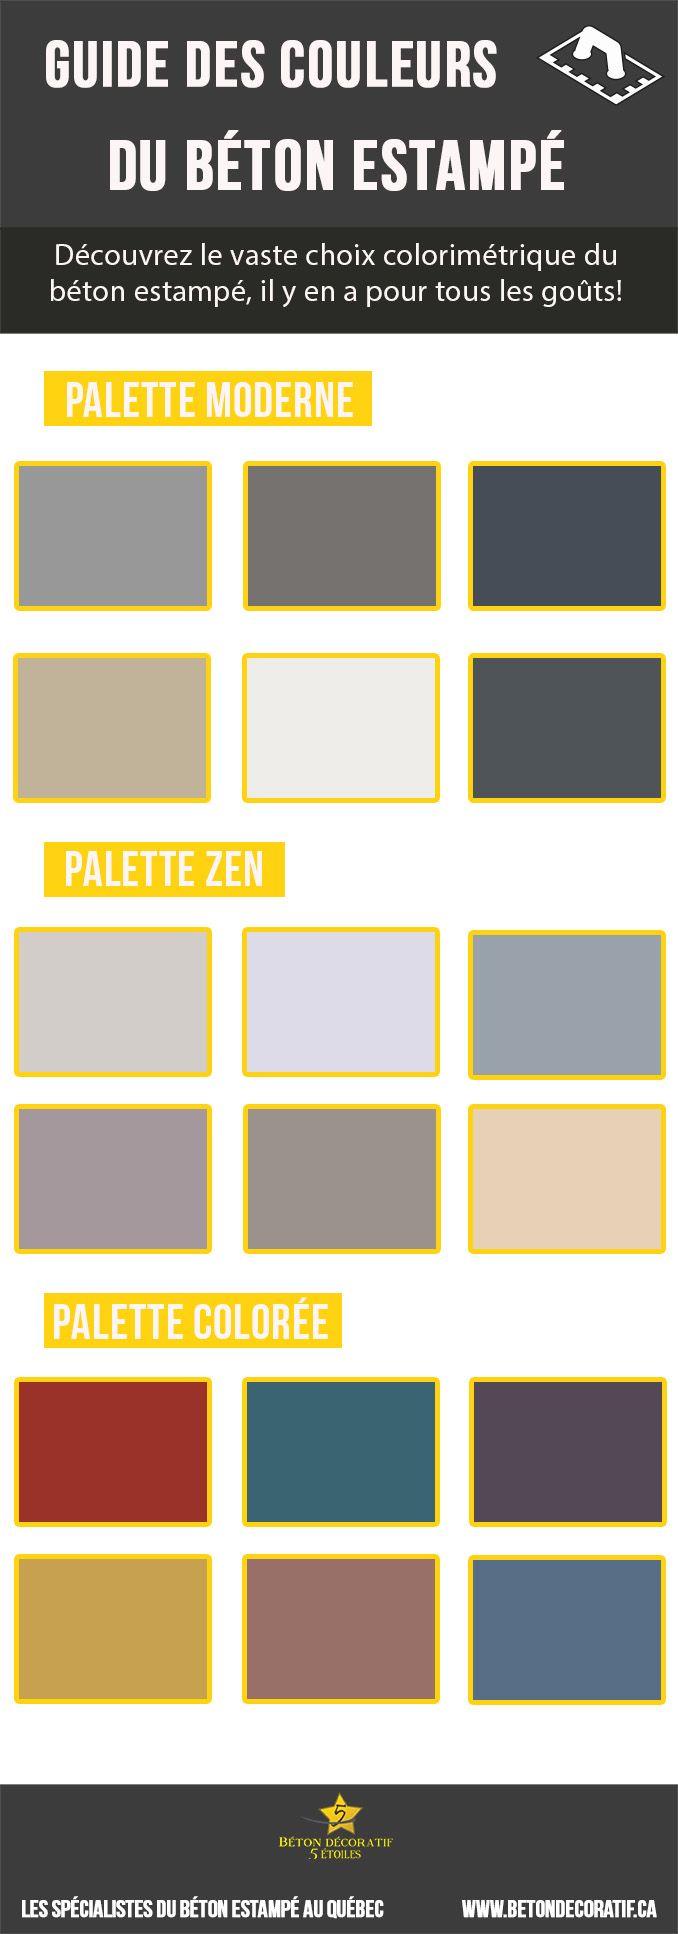 Guide des couleurs du béton estampé Le béton estampé est un procédé qui offre un vaste choix colorimétrique. Des tonalités plus sobres, en passant par les plus classiques jusqu'aux plus éclatées, à vous de choisir les couleurs qui feront vibrer votre aménagement.